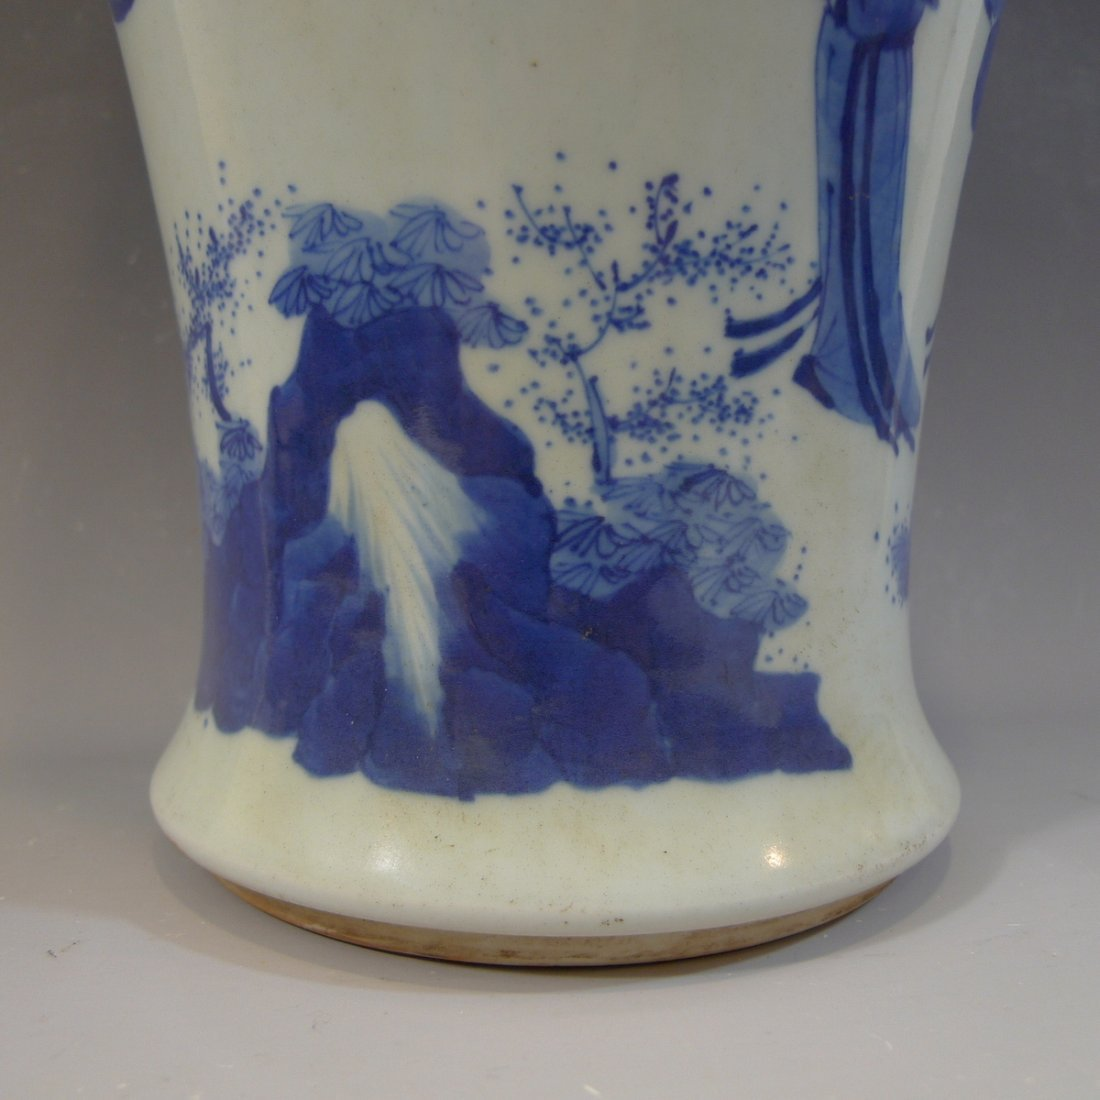 ANTIQUE CHINESE BLUE WHITE PORCELAIN VASE - KANGXI MARK - 6